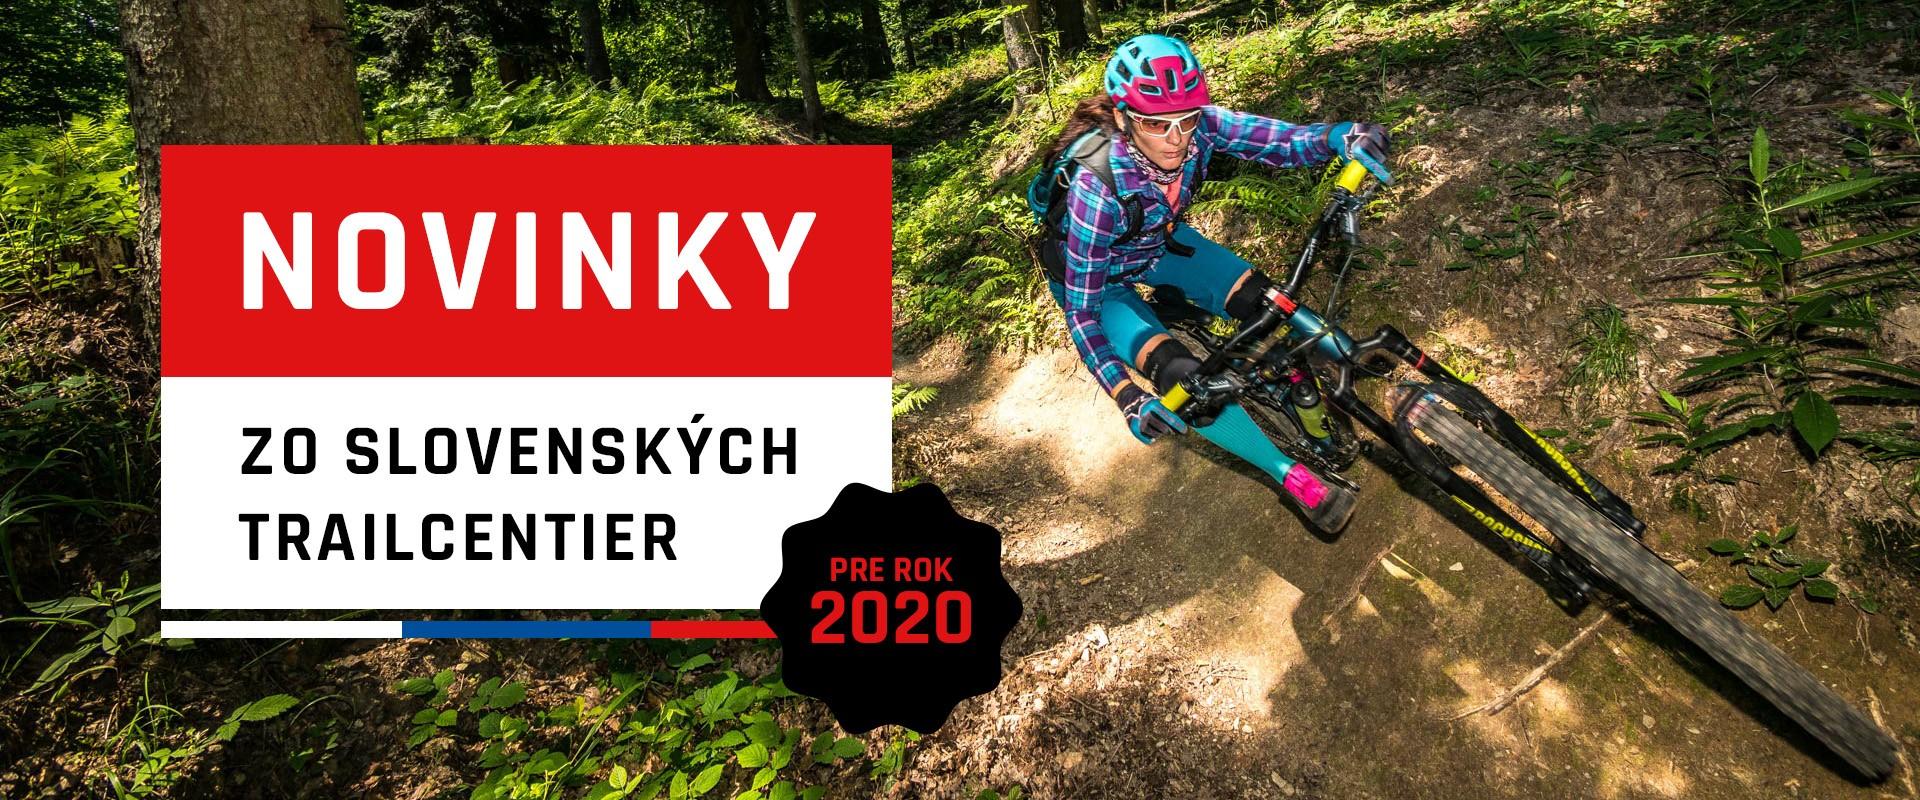 Novinky zo slovenských trailcentier pre rok 2020